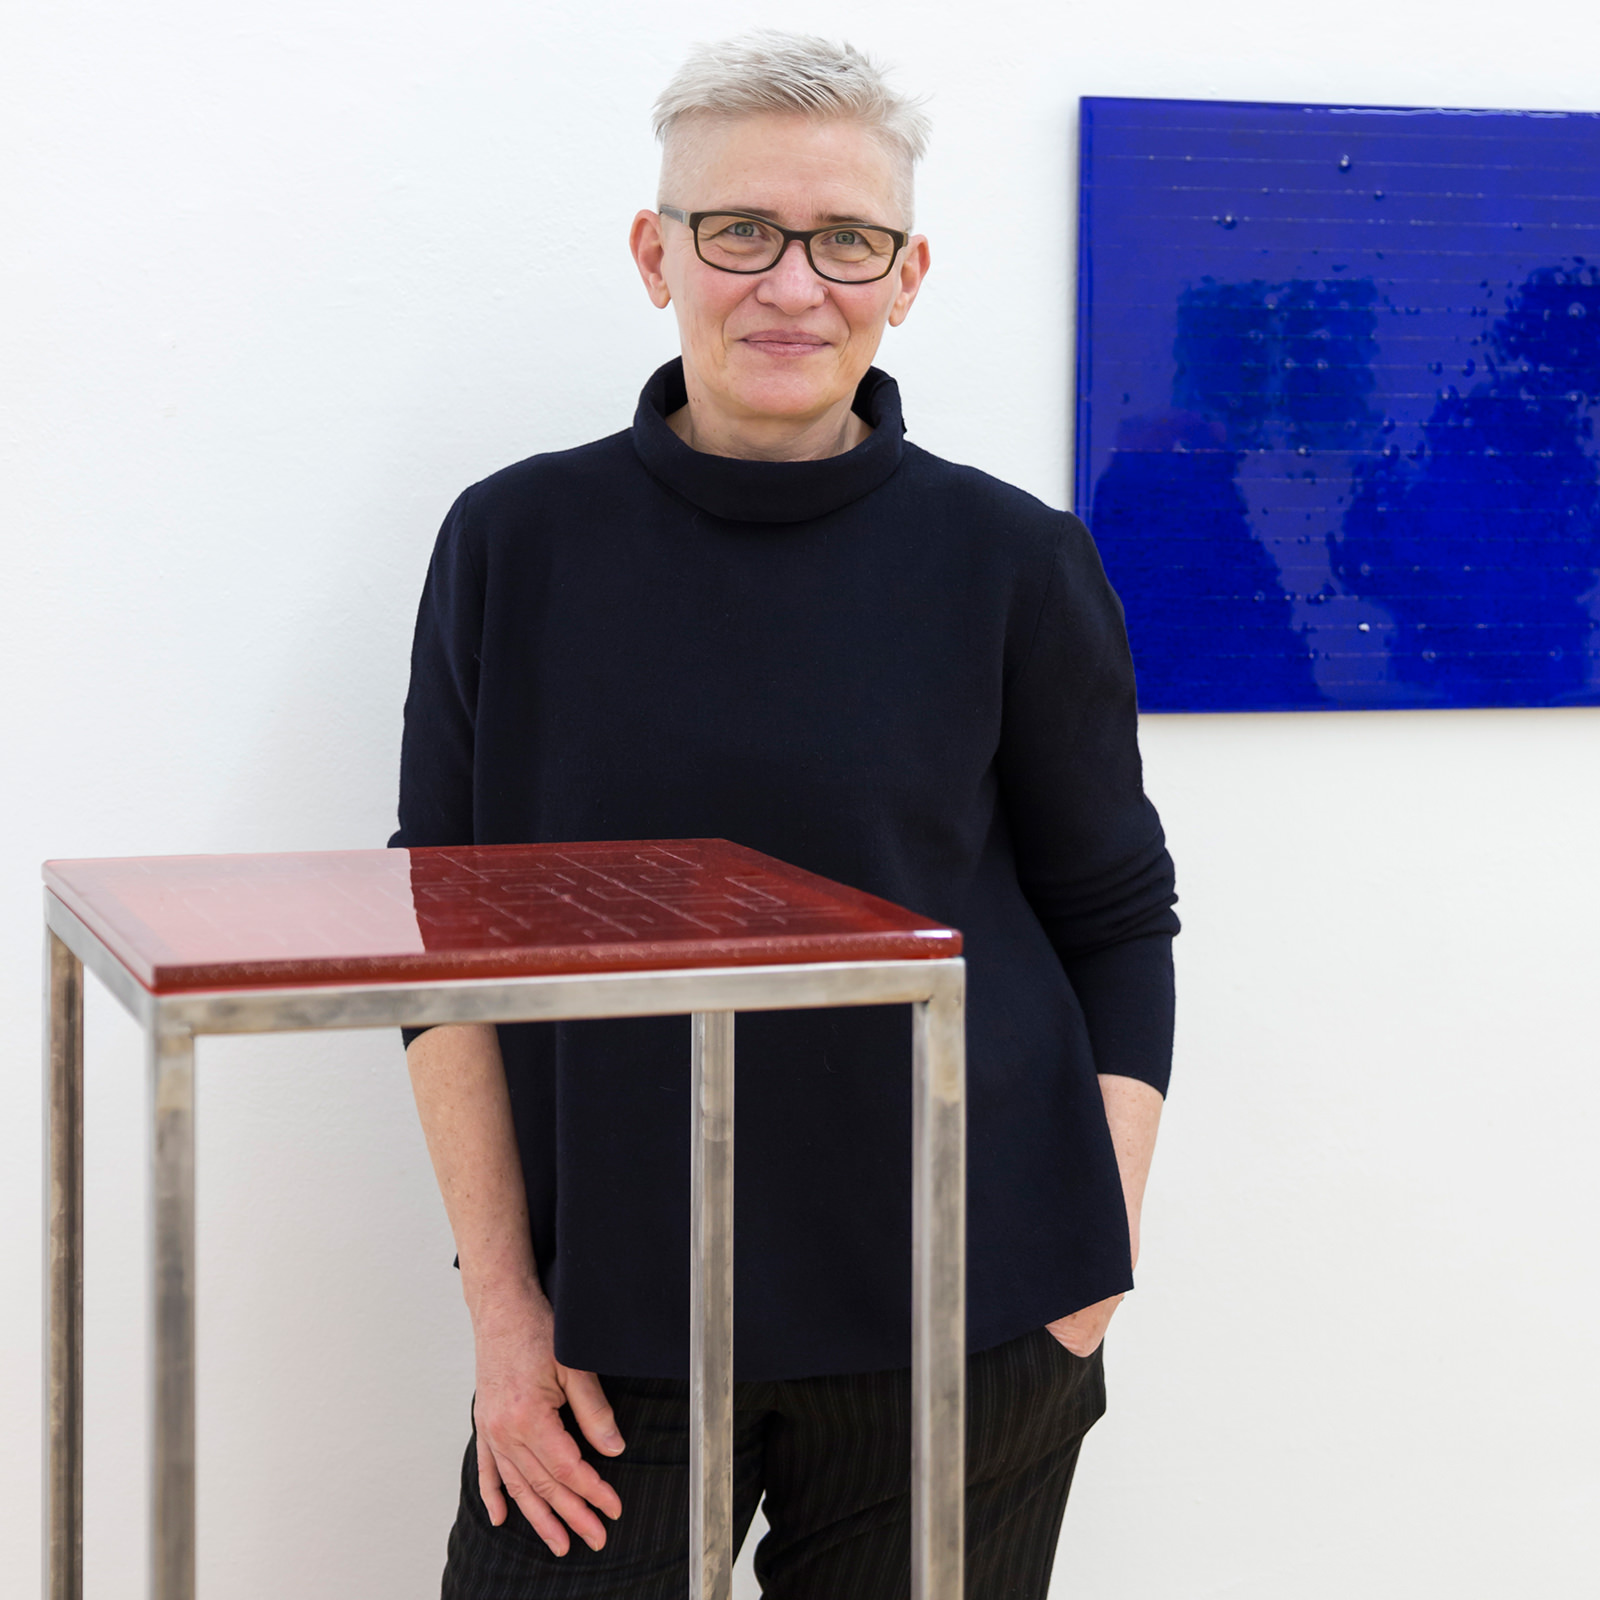 Barbara Höller 2018 by Sonja Dürnberger